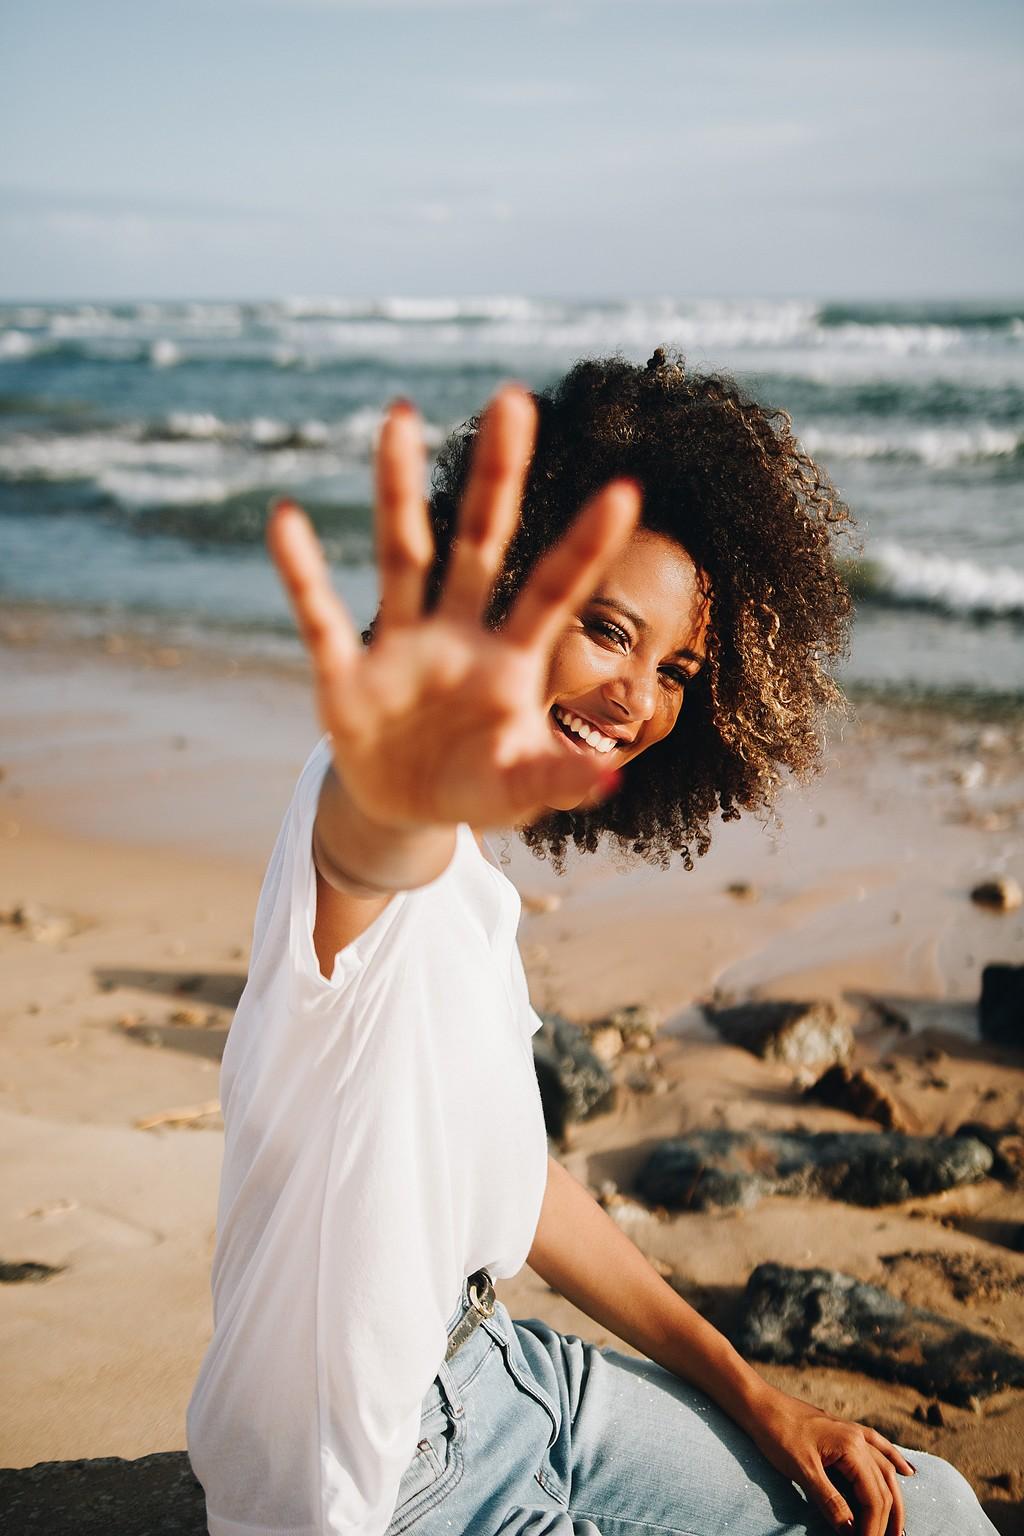 La astaxantina es el superalimento para nuestra piel: disimula manchas y protege de los rayos ultraviolet